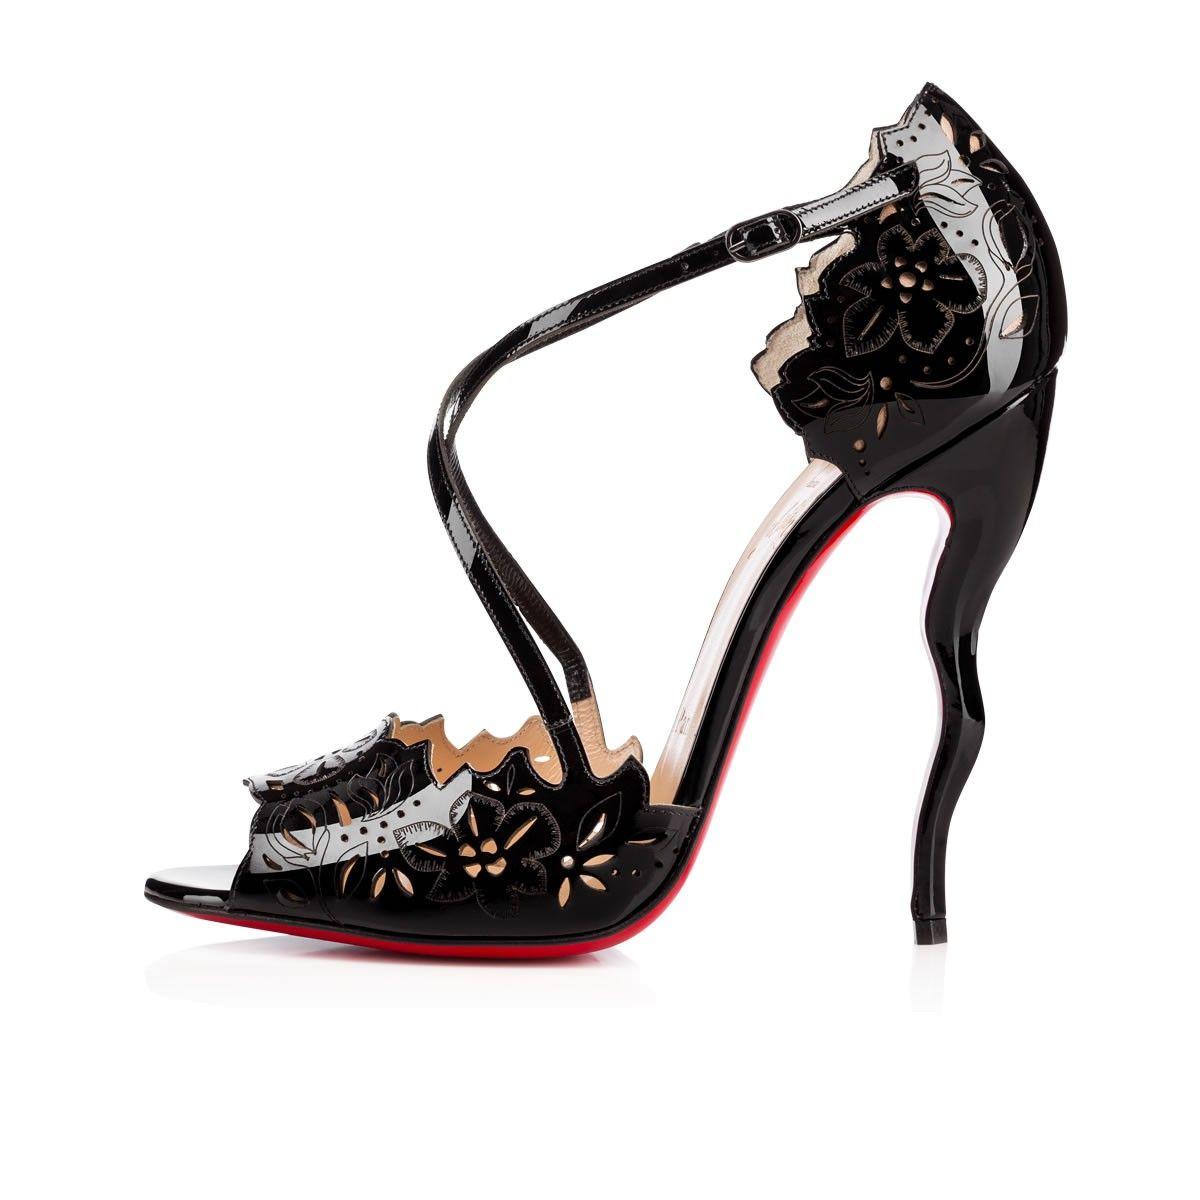 93d839c825a Shoes - Enchantee - Christian Louboutin